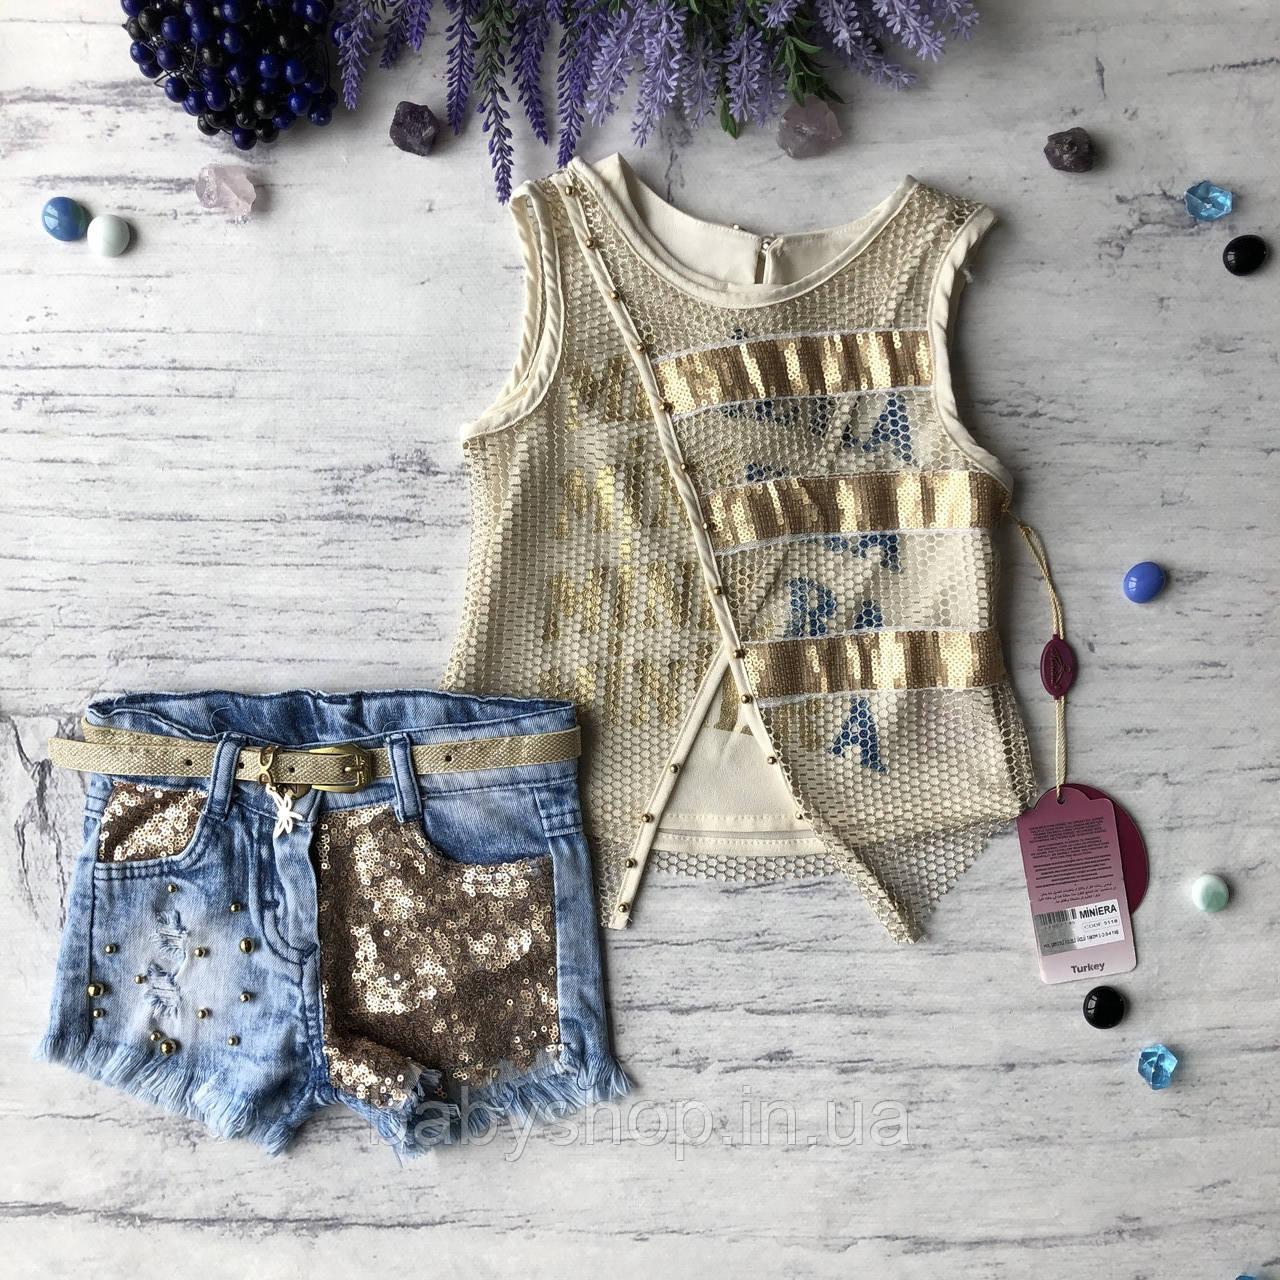 Летний джинсовый костюм на девочку 149. Размер 1 год (80 см), 2 года (92 см), 3 года (98 см